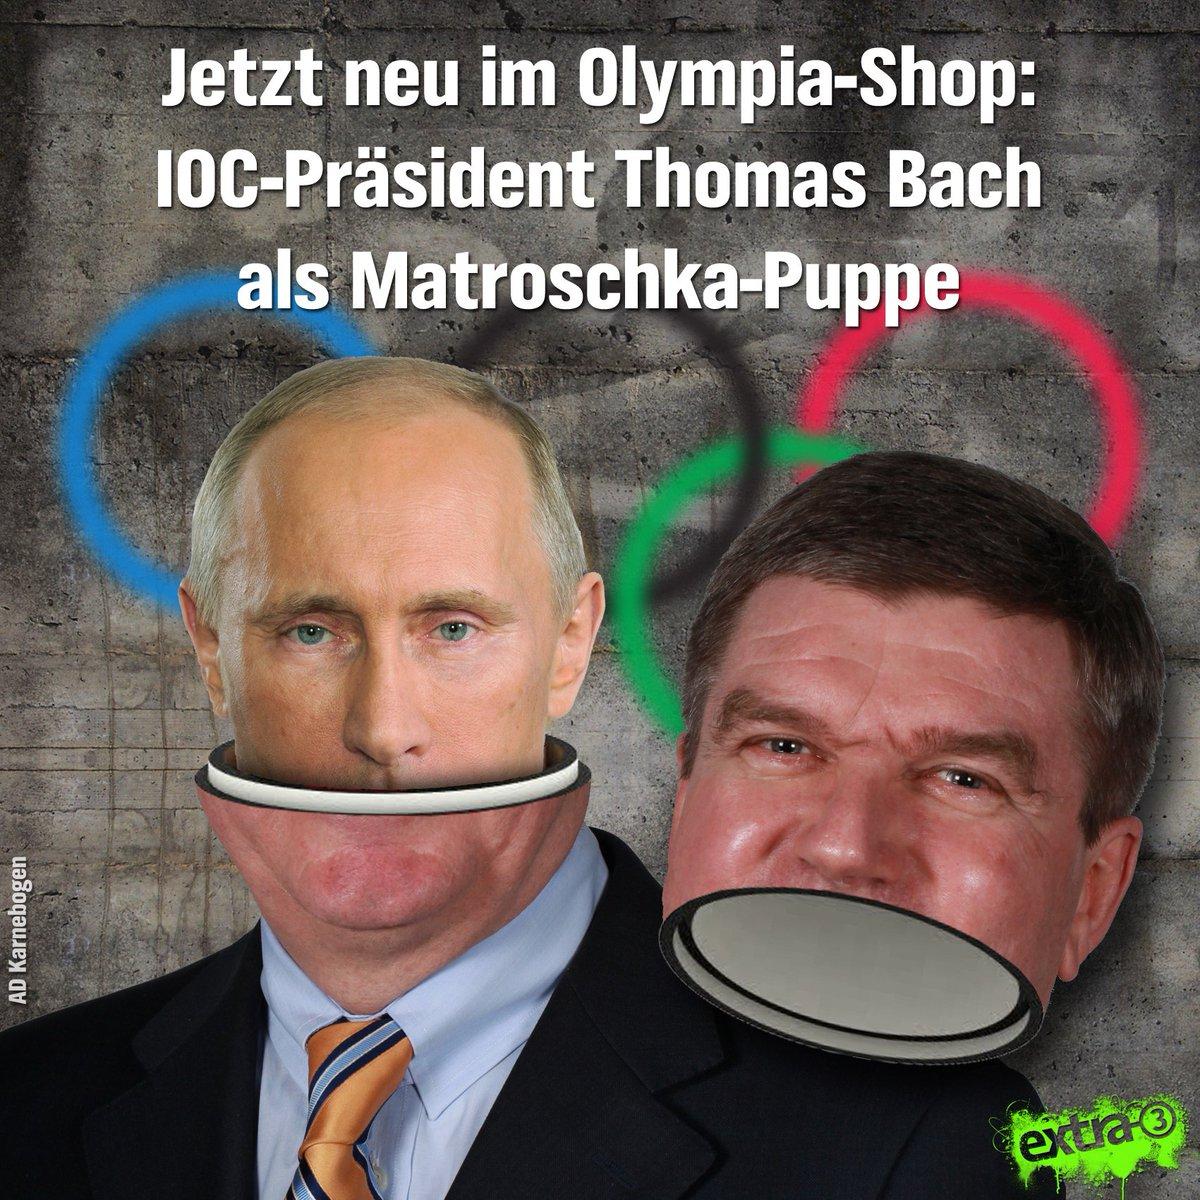 Nur solange der Vorrat reicht! #Bach #Doping #IOC